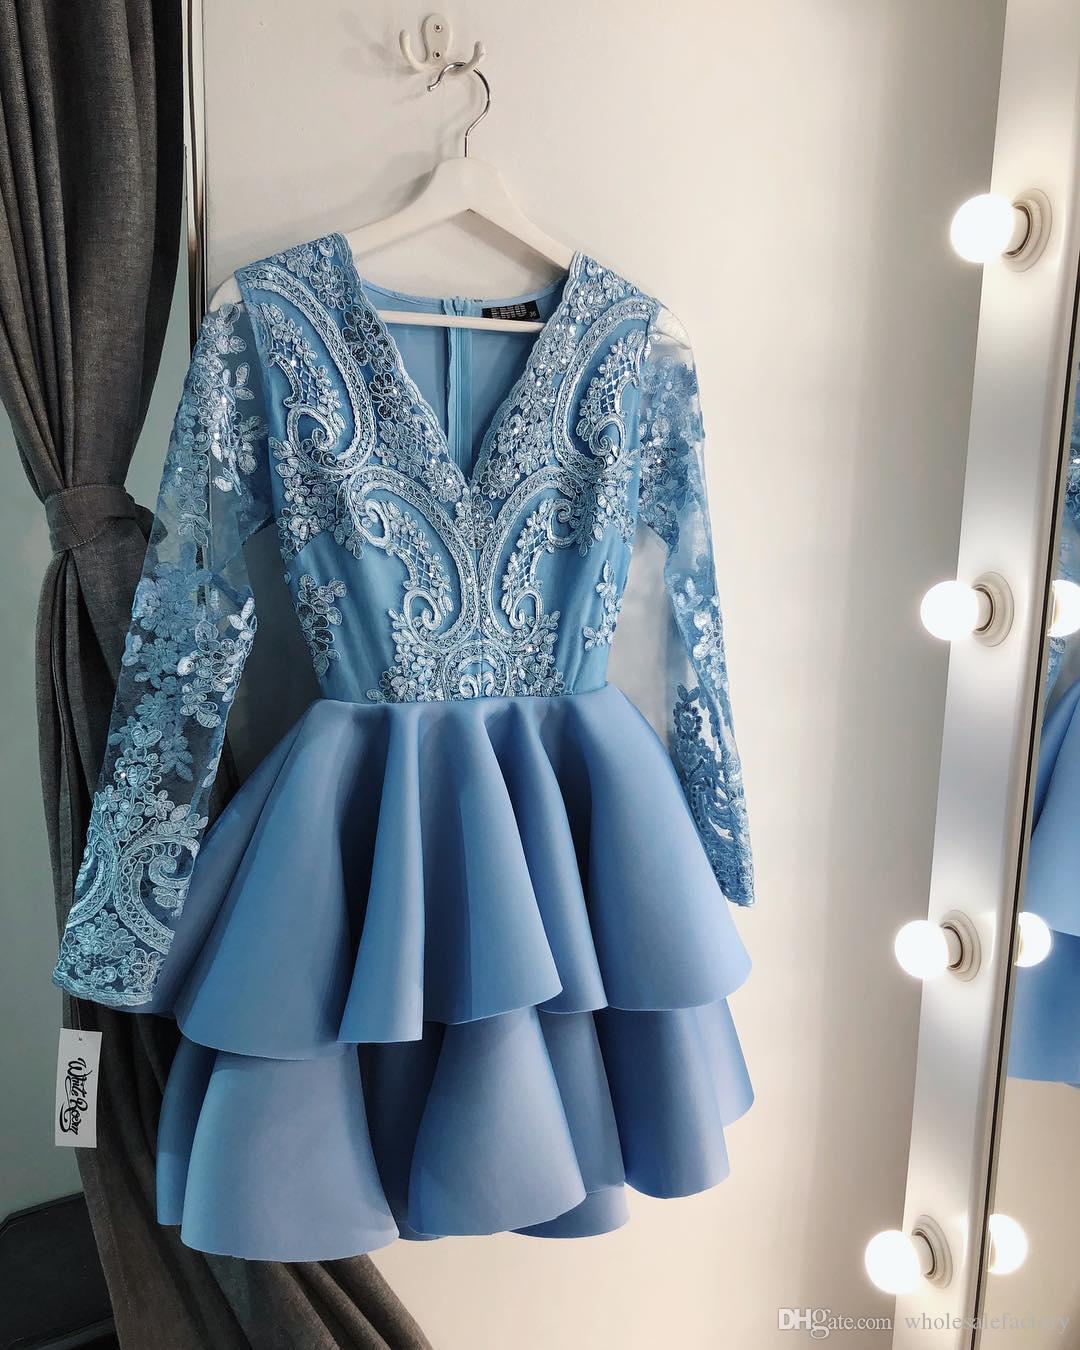 Azul claro con cuello en V Encaje Una línea Vestidos de Fiesta Mangas largas Apliques en niveles Vestidos de fiesta de cóctel de fiesta corta